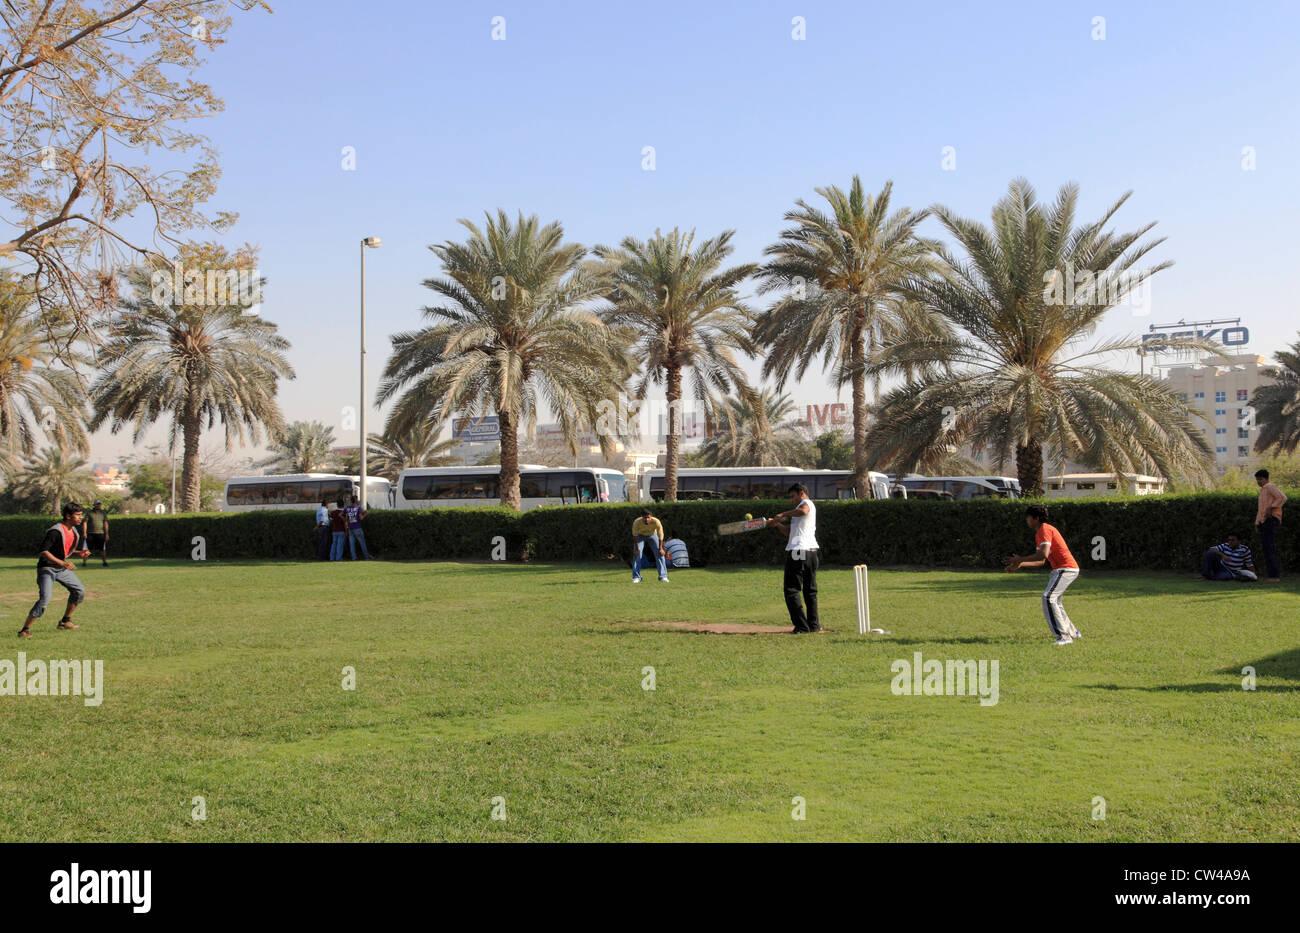 3499. Cricket, indischen & pakistanischen Arbeiter, Dubai, Vereinigte Arabische Emirate. Stockbild